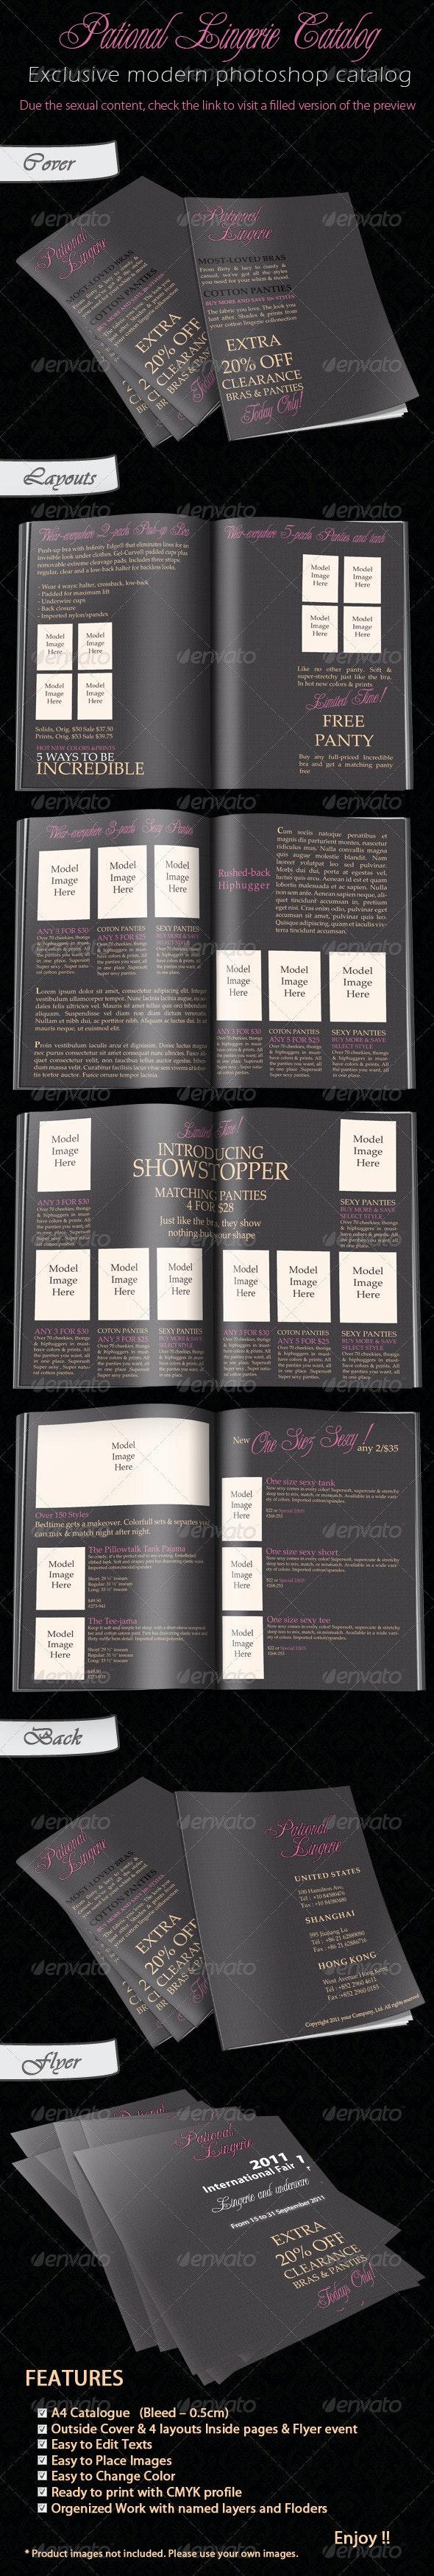 Pational lingerie catalogue  - Catalogs Brochures